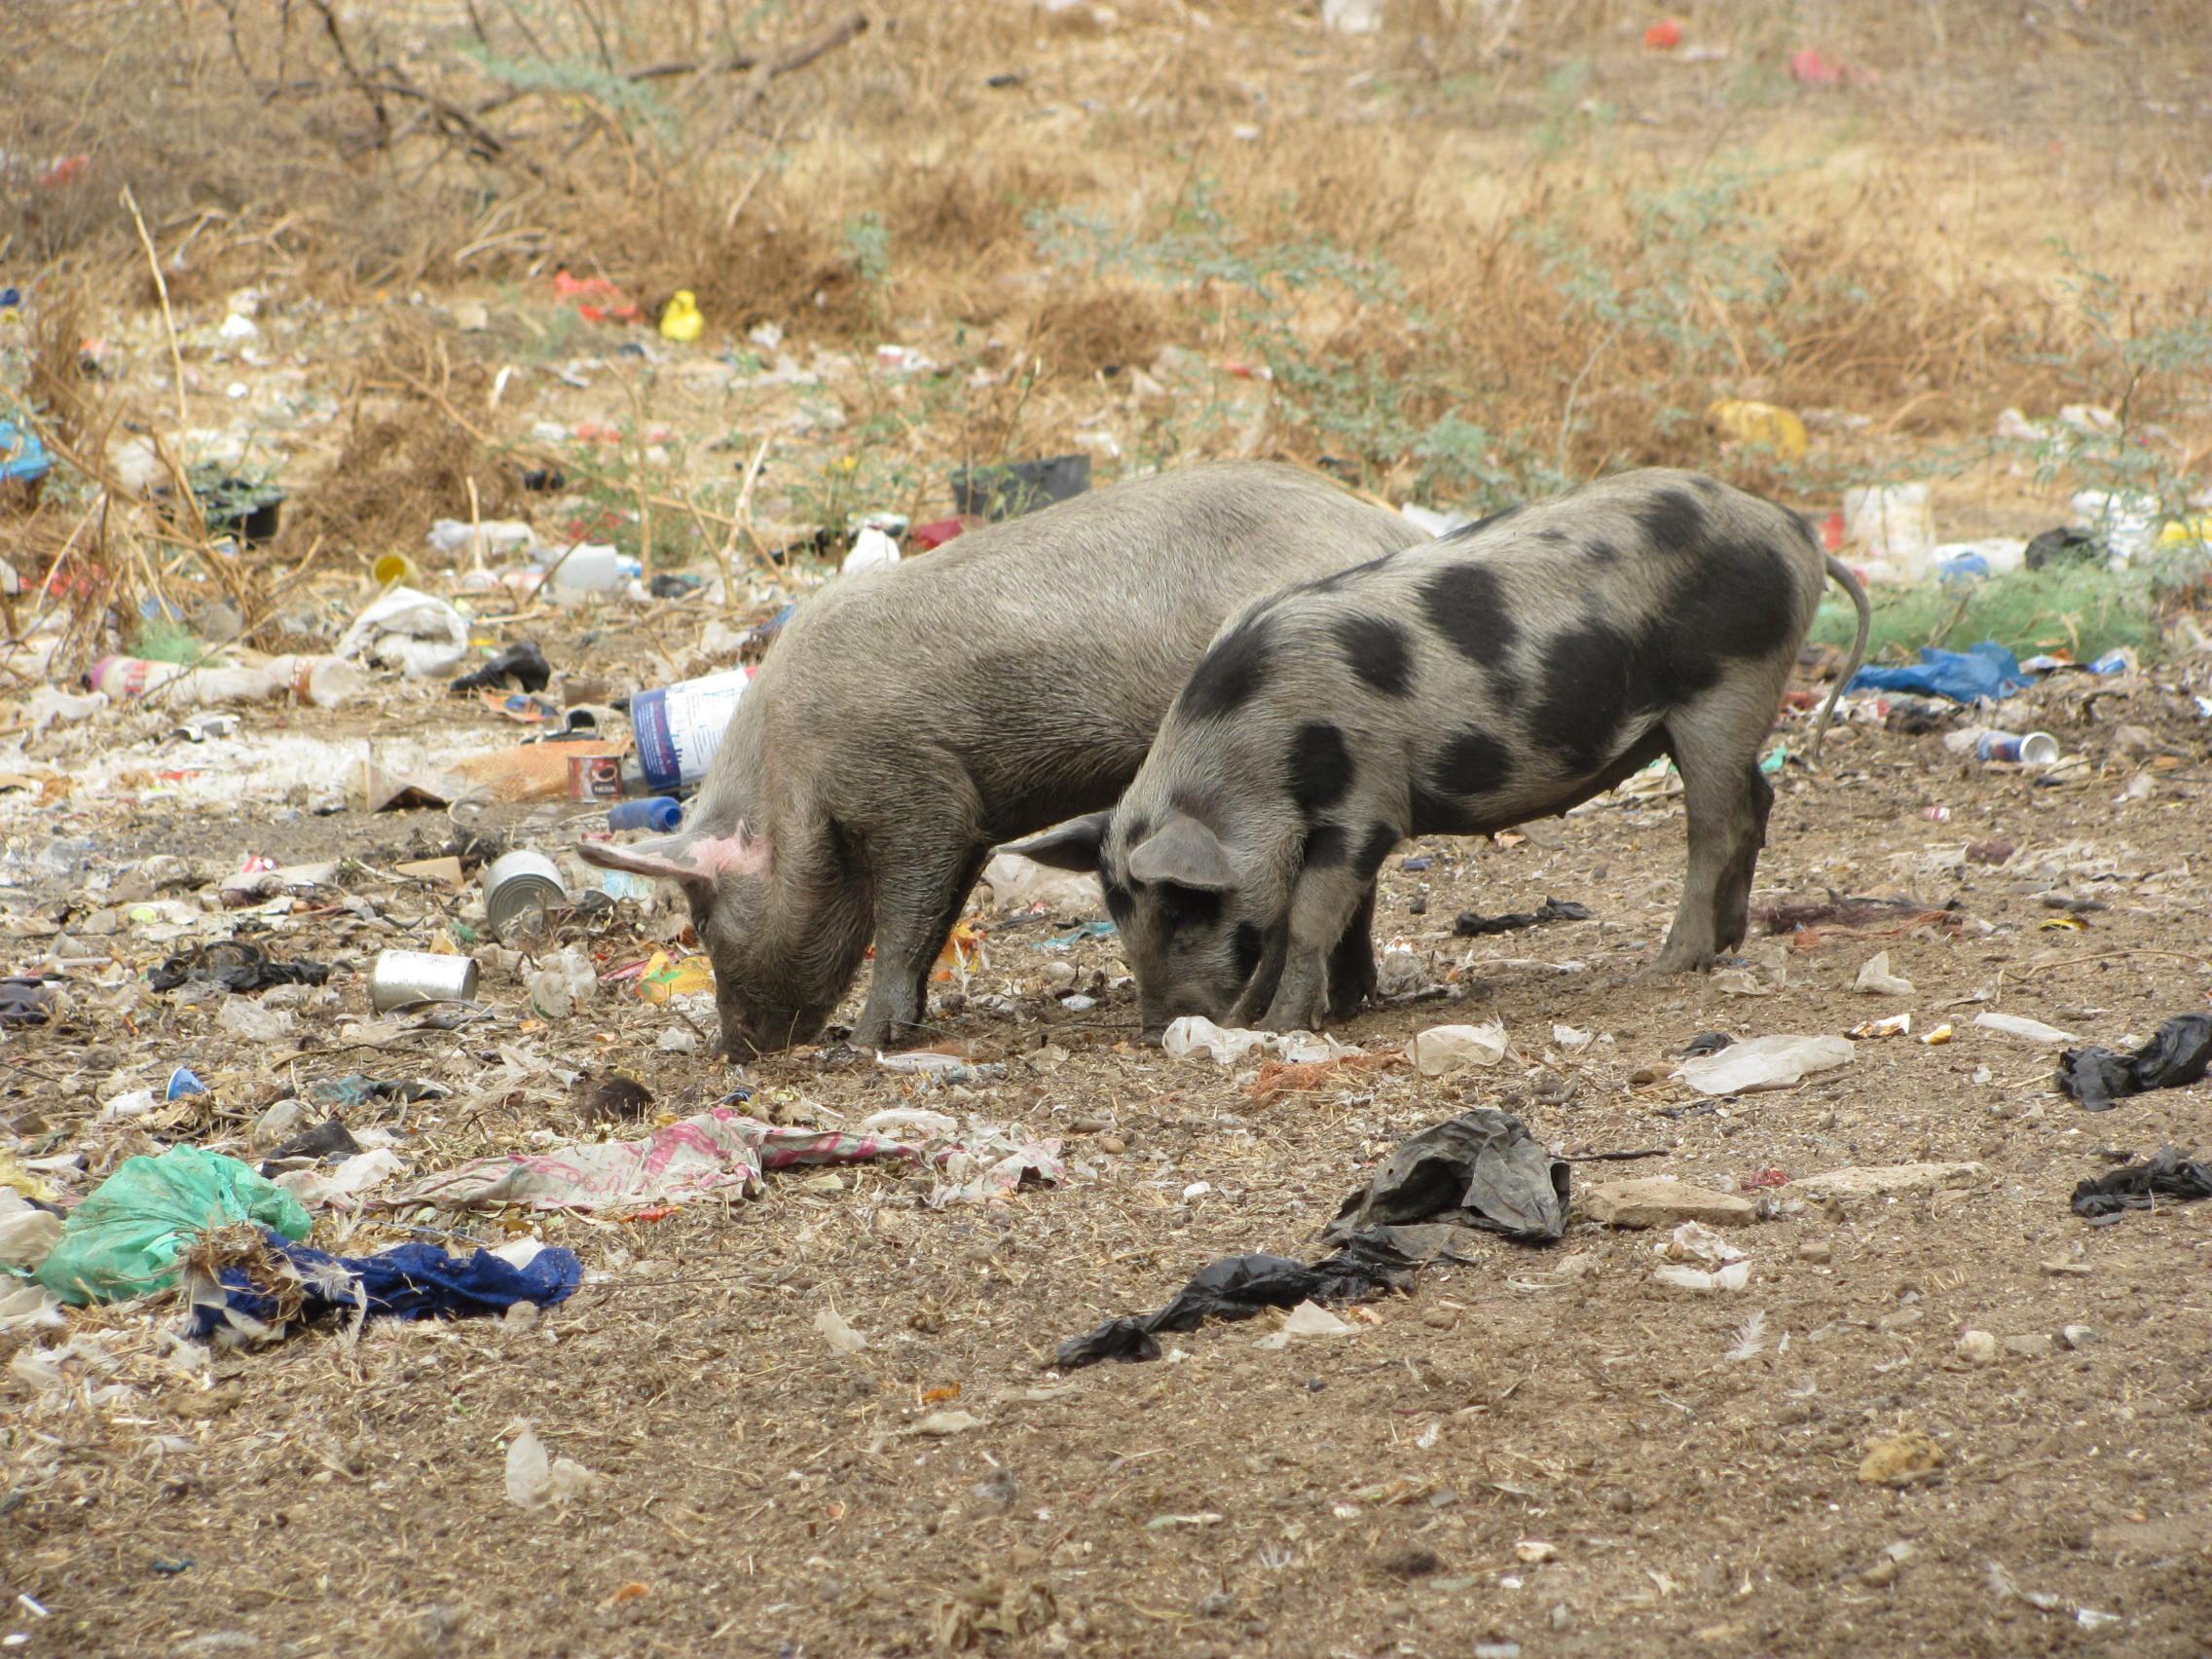 6. Civilizační plastový odpad – závažný problém Senegalu